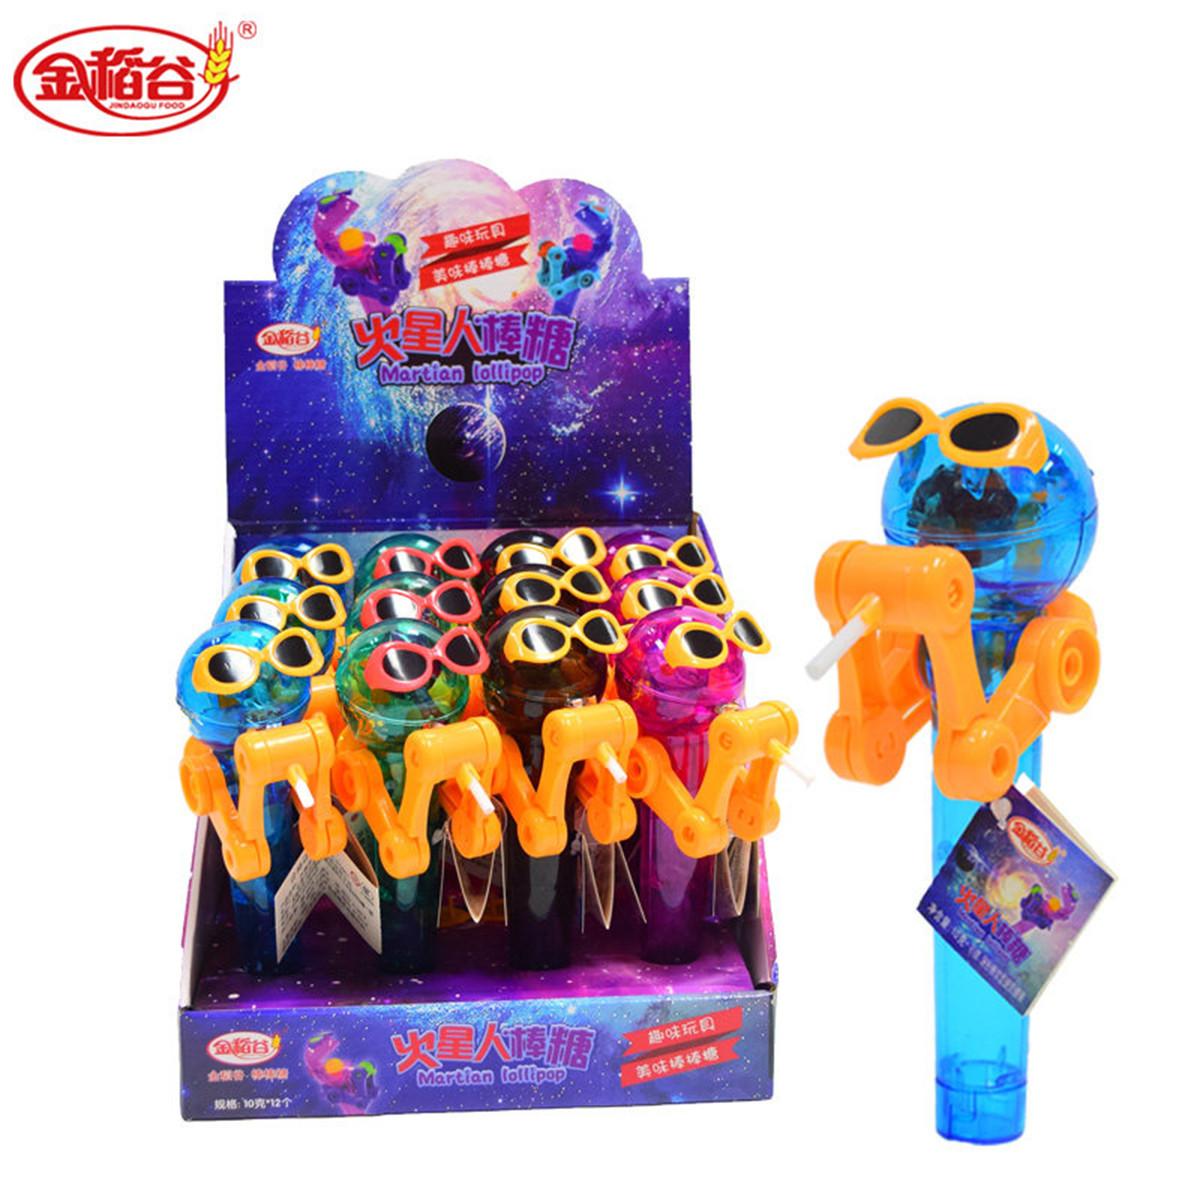 金稻谷火星人棒棒糖吃糖机器人儿童小零食玩具创意糖果批发COLOR火星人棒棒糖10克*12支【颜色款式随机】